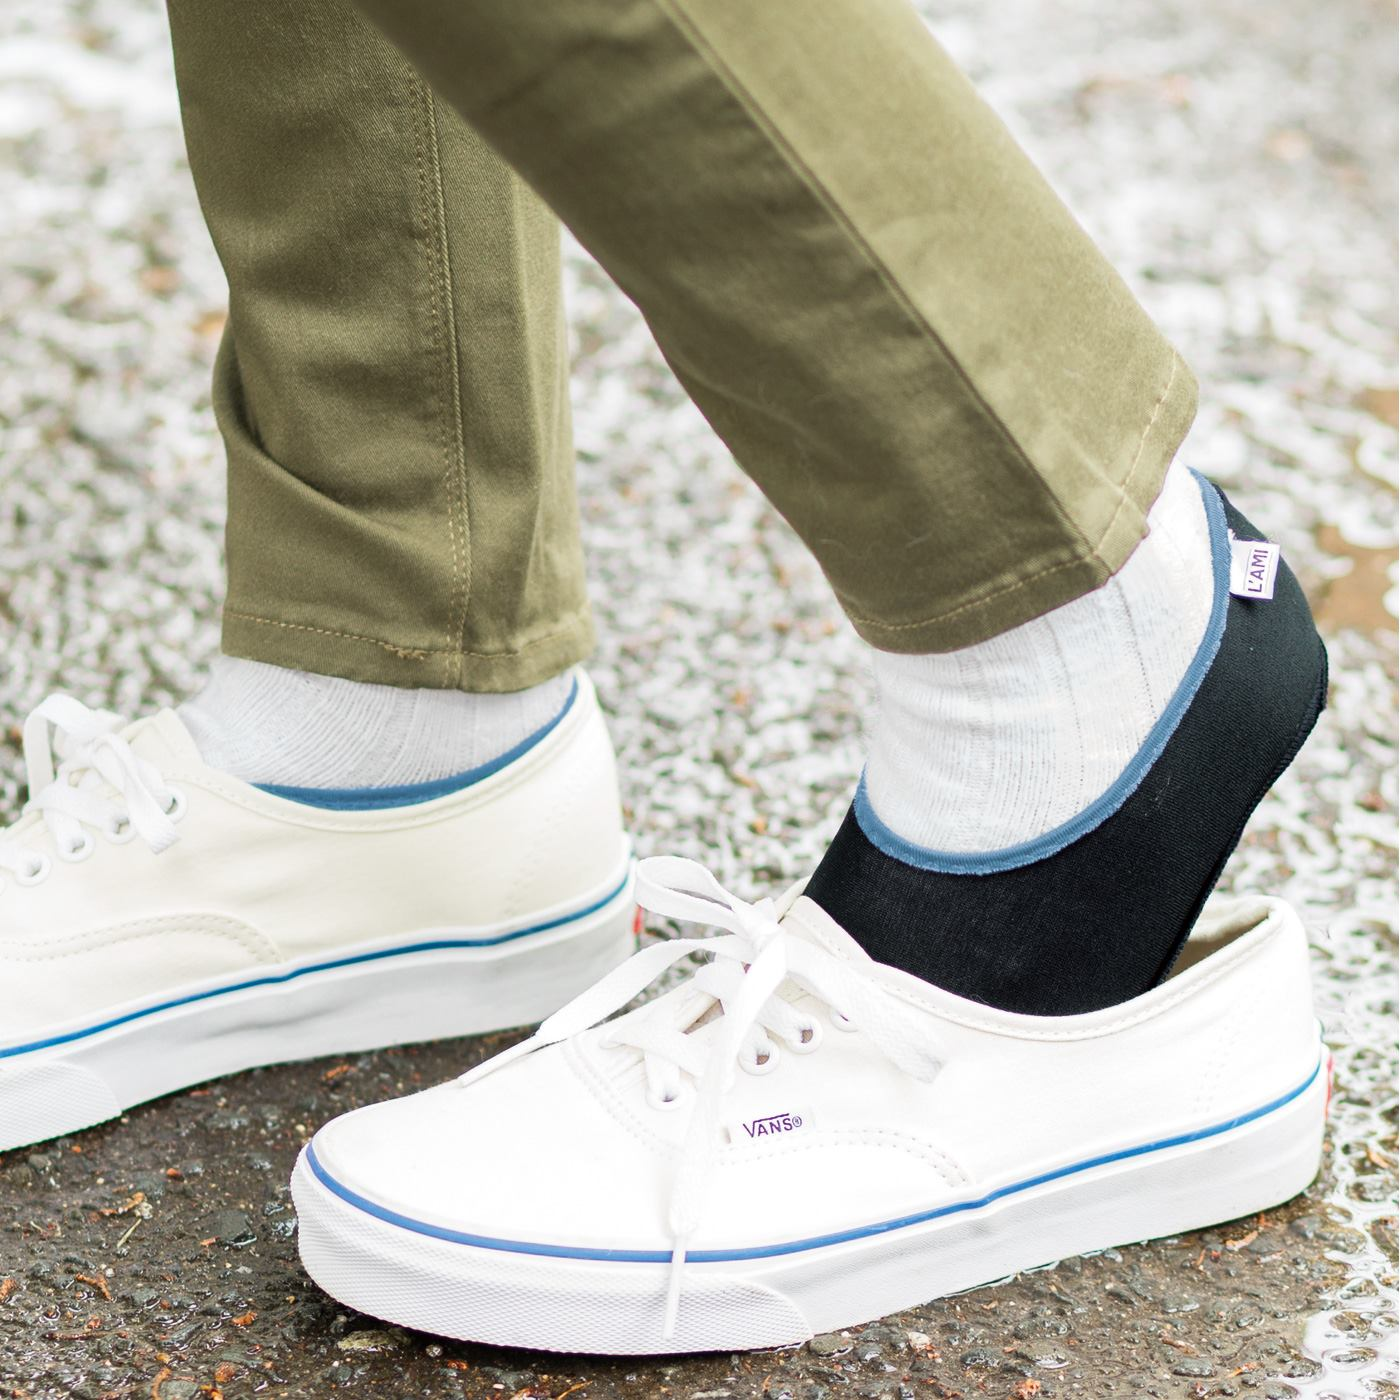 薄いから靴の中でもたつかない。